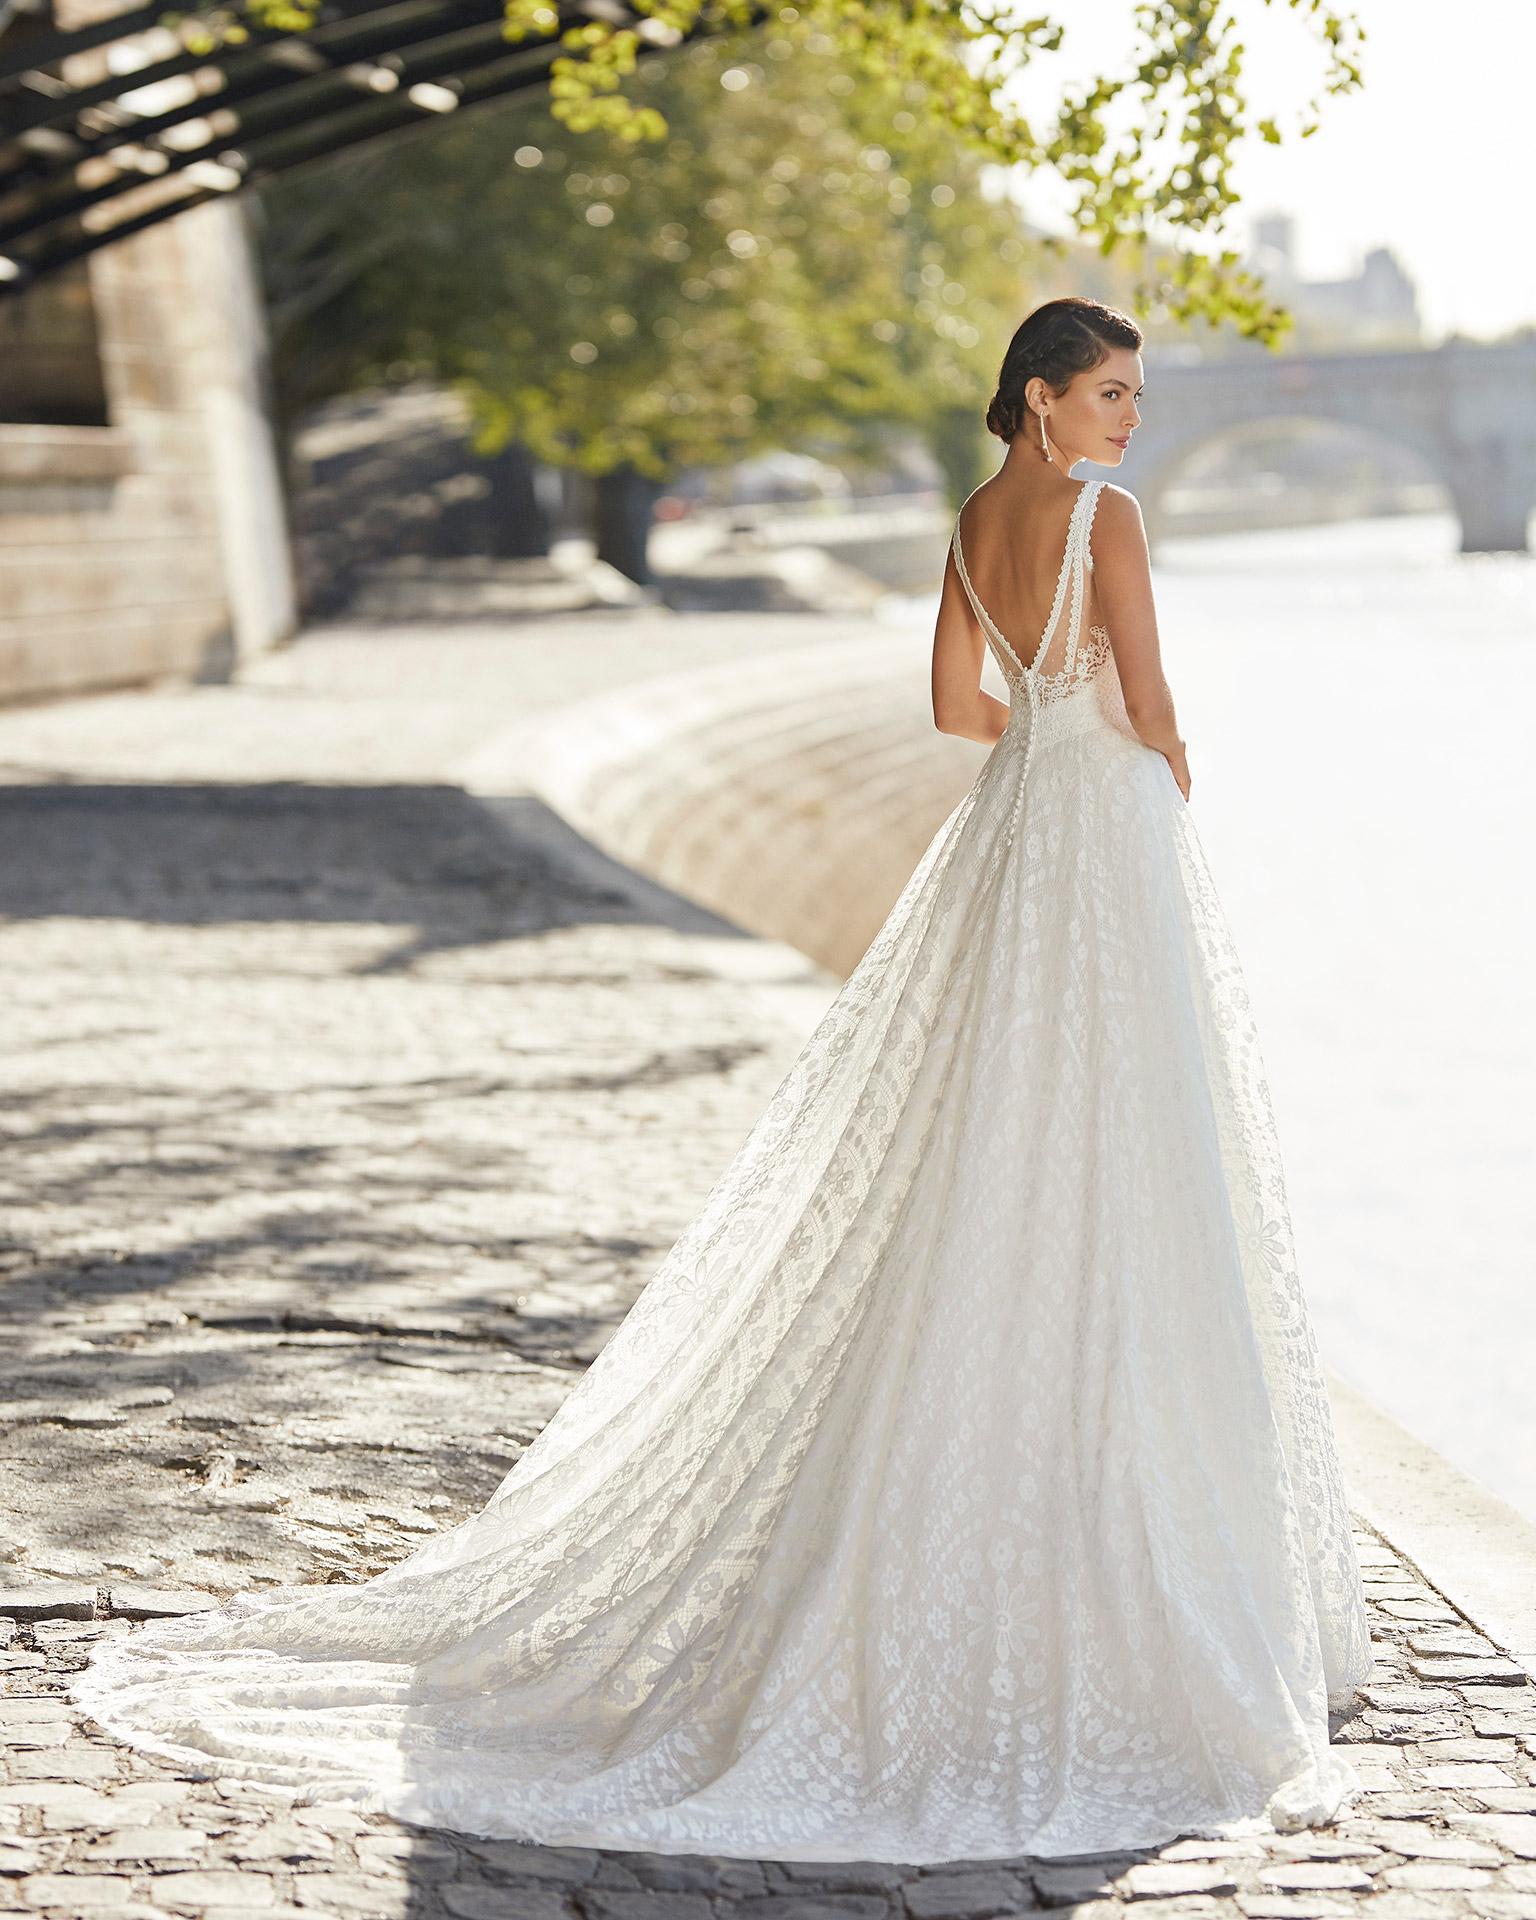 Vestido de novia de encaje. Escote en V, tirantes y espalda escotada. Colección ALMANOVIA 2021.